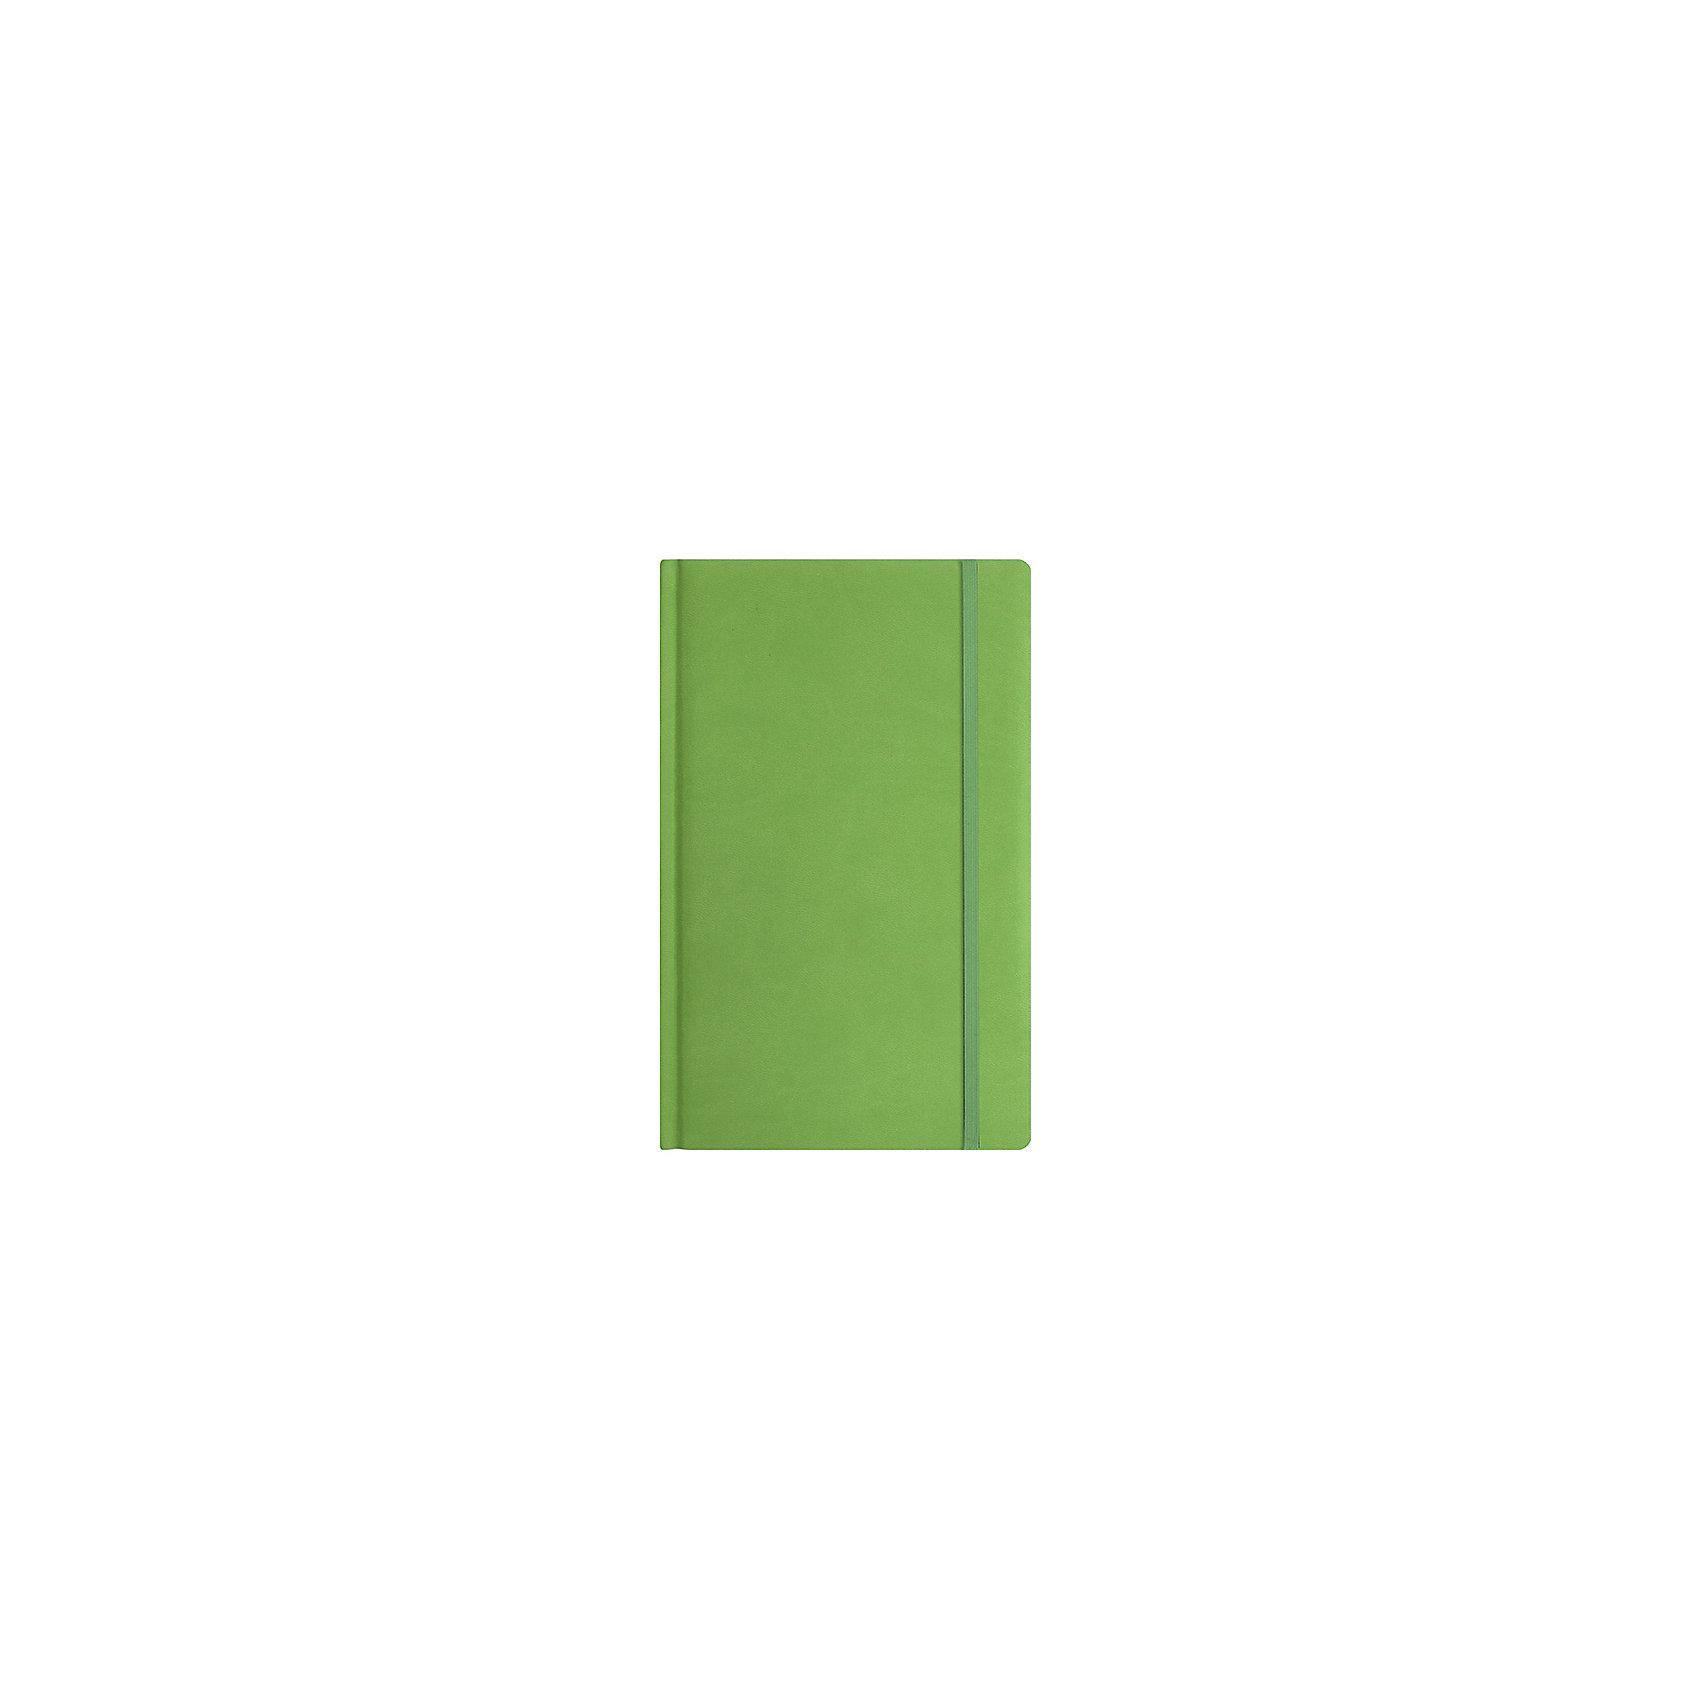 Записная книга, на резинке, 130х210, FESTIVAL, Erich KrauseБумажная продукция<br>Записная книга, на резинке, 130х210, FESTIVAL, Erich Krause.<br><br>Характеристики:<br><br>• Размер: 130x210 мм.<br>• Количество листов: 96<br>• Блок: шитый с капталом, офсет 80 г/м2, линейка<br>• Вклеенная закладка<br>• Обложка: с закругленными углами, фиксирующей резинкой и петлей для ручки<br>• Материал обложки: картон<br>• Цвет: салатовый<br><br>Записная книжка Festival от Erich Krause - это практичный аксессуар и дополнительный штрих к вашему имиджу. Демократичная в своем содержании, книжка может быть использована не только для личных пометок и записей, но и как недатированный ежедневник. В начале книжки имеется страничка для заполнения личных данных владельца, четыре страницы для заполнения адресов, телефонов и интернет-почты и четыре страницы для заполнения сайтов и ссылок.<br><br>Записную книгу, на резинке, 130х210, FESTIVAL, Erich Krause можно купить в нашем интернет-магазине.<br><br>Ширина мм: 130<br>Глубина мм: 210<br>Высота мм: 150<br>Вес г: 315<br>Возраст от месяцев: 204<br>Возраст до месяцев: 2147483647<br>Пол: Унисекс<br>Возраст: Детский<br>SKU: 5543312